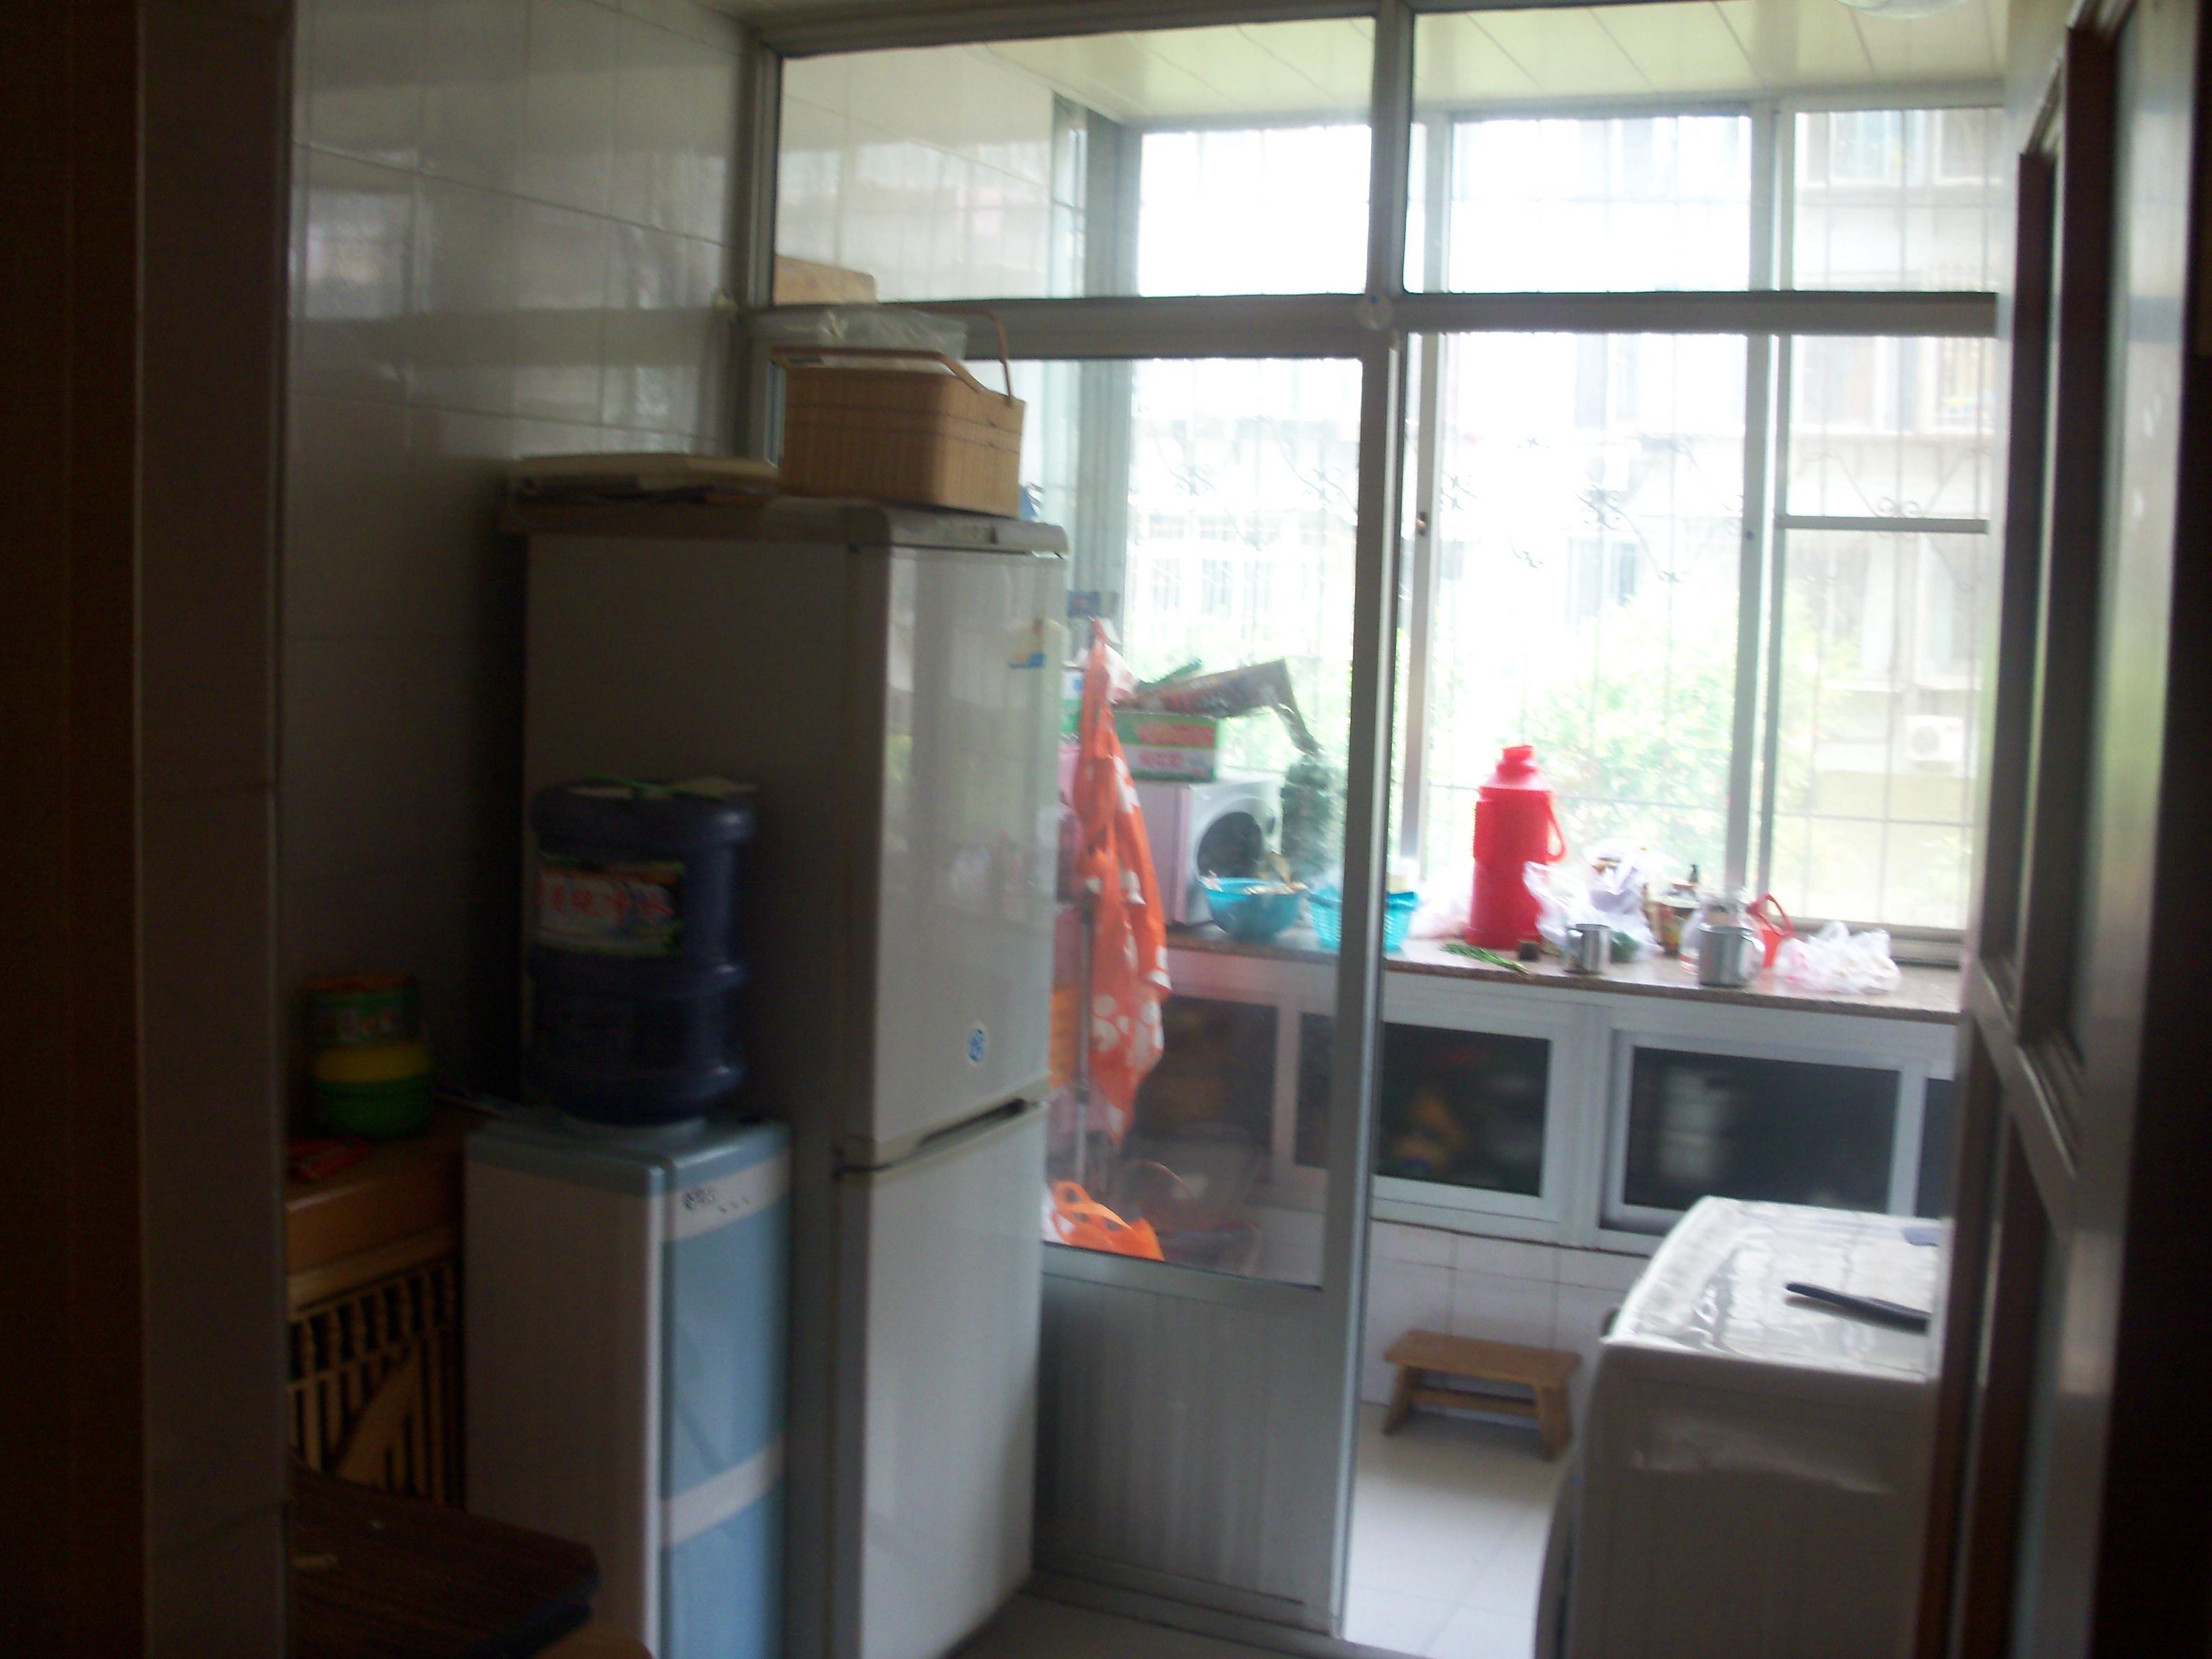 青岛66中学生宿舍